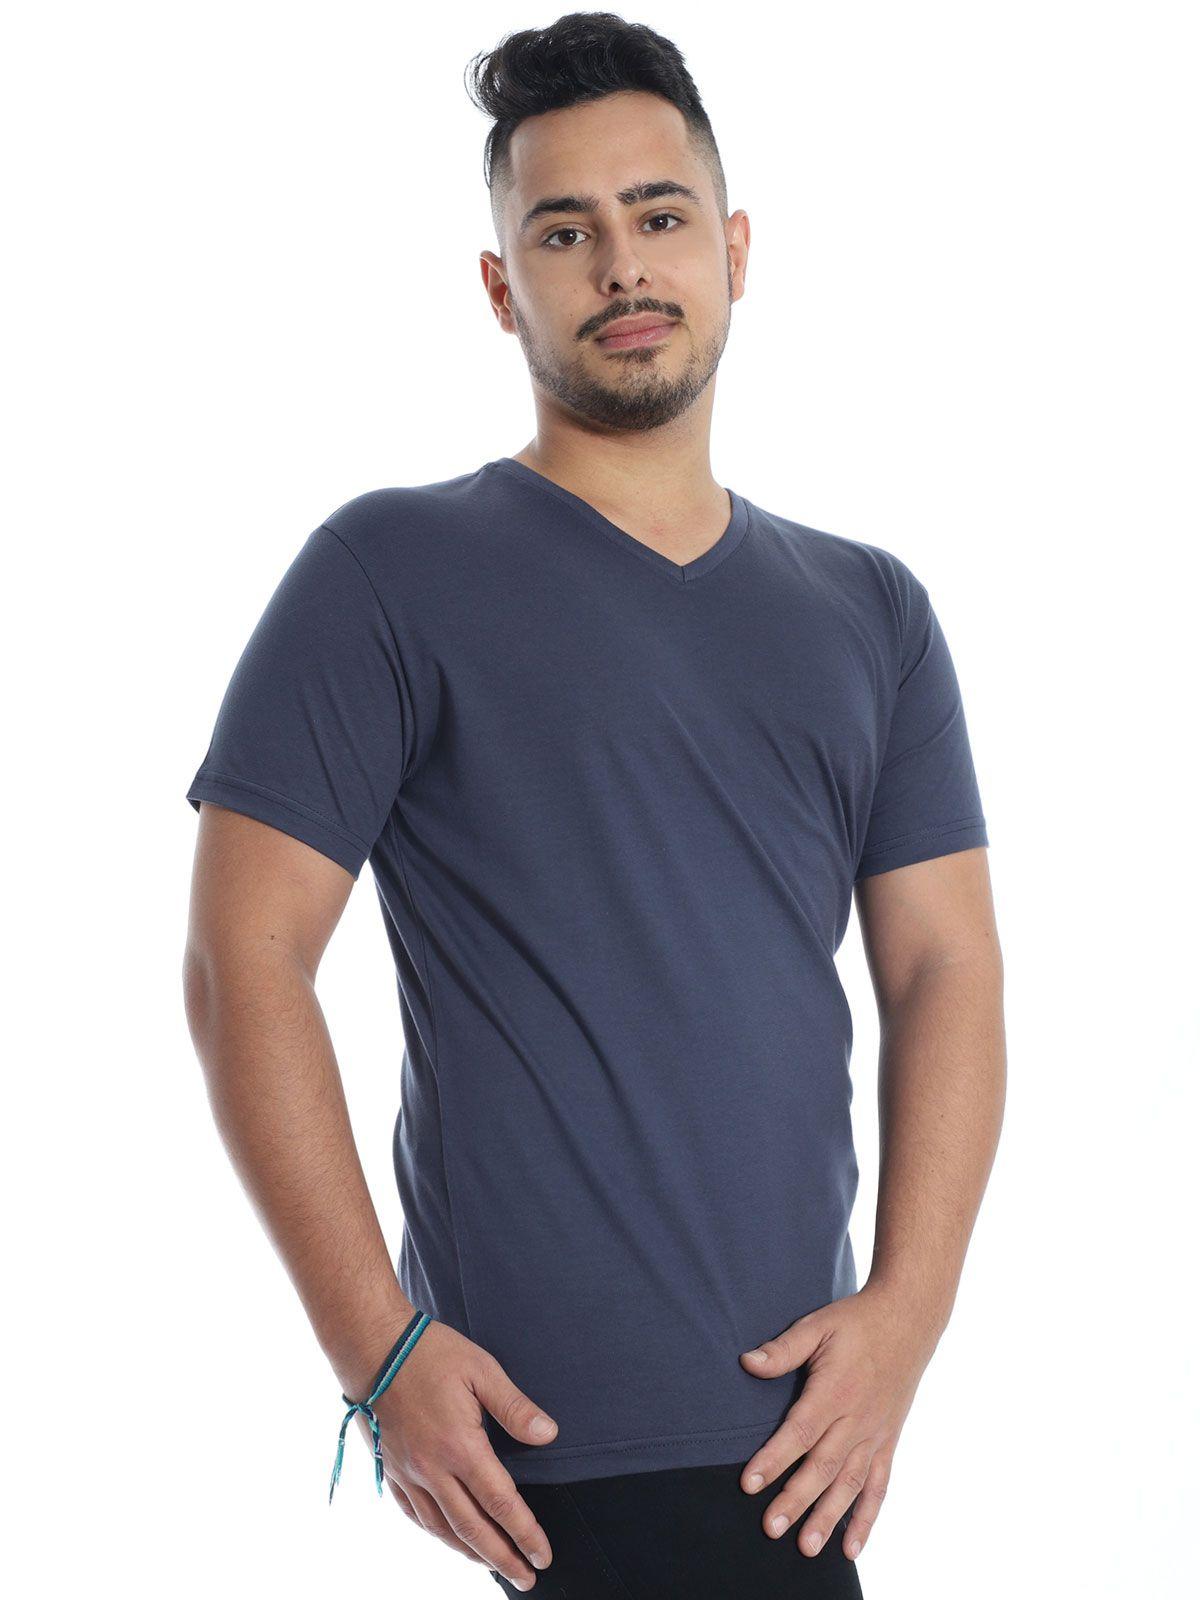 Camiseta Masculina Decote V. Algodão Slim Fit Lisa Grafite